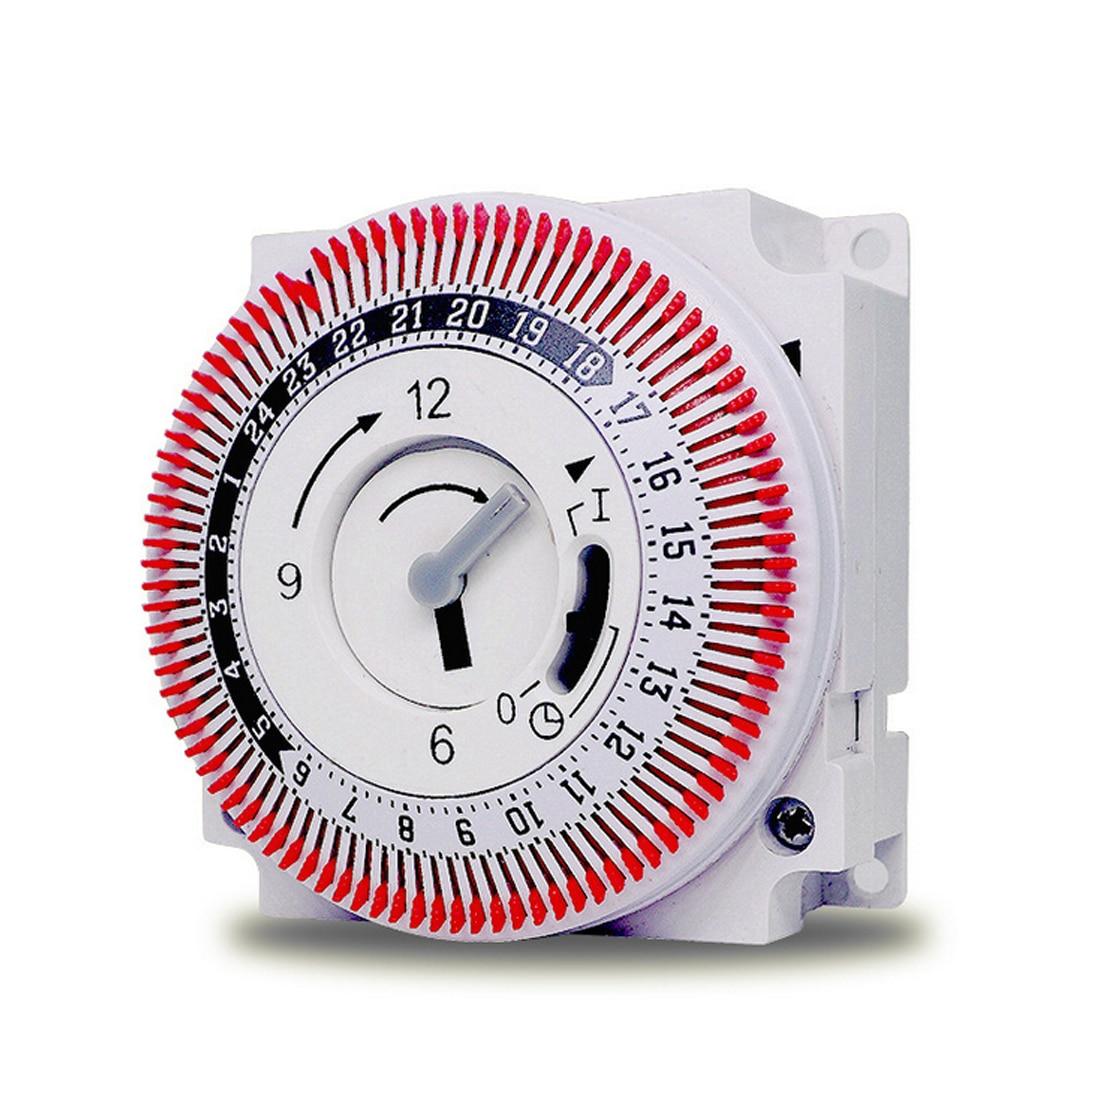 1 Watt 250 V Multi-funktion Timer Schalter Buchse Mit Sensor Sonde Energiesparende Mechanische Timer Steckdose Timing Schalter